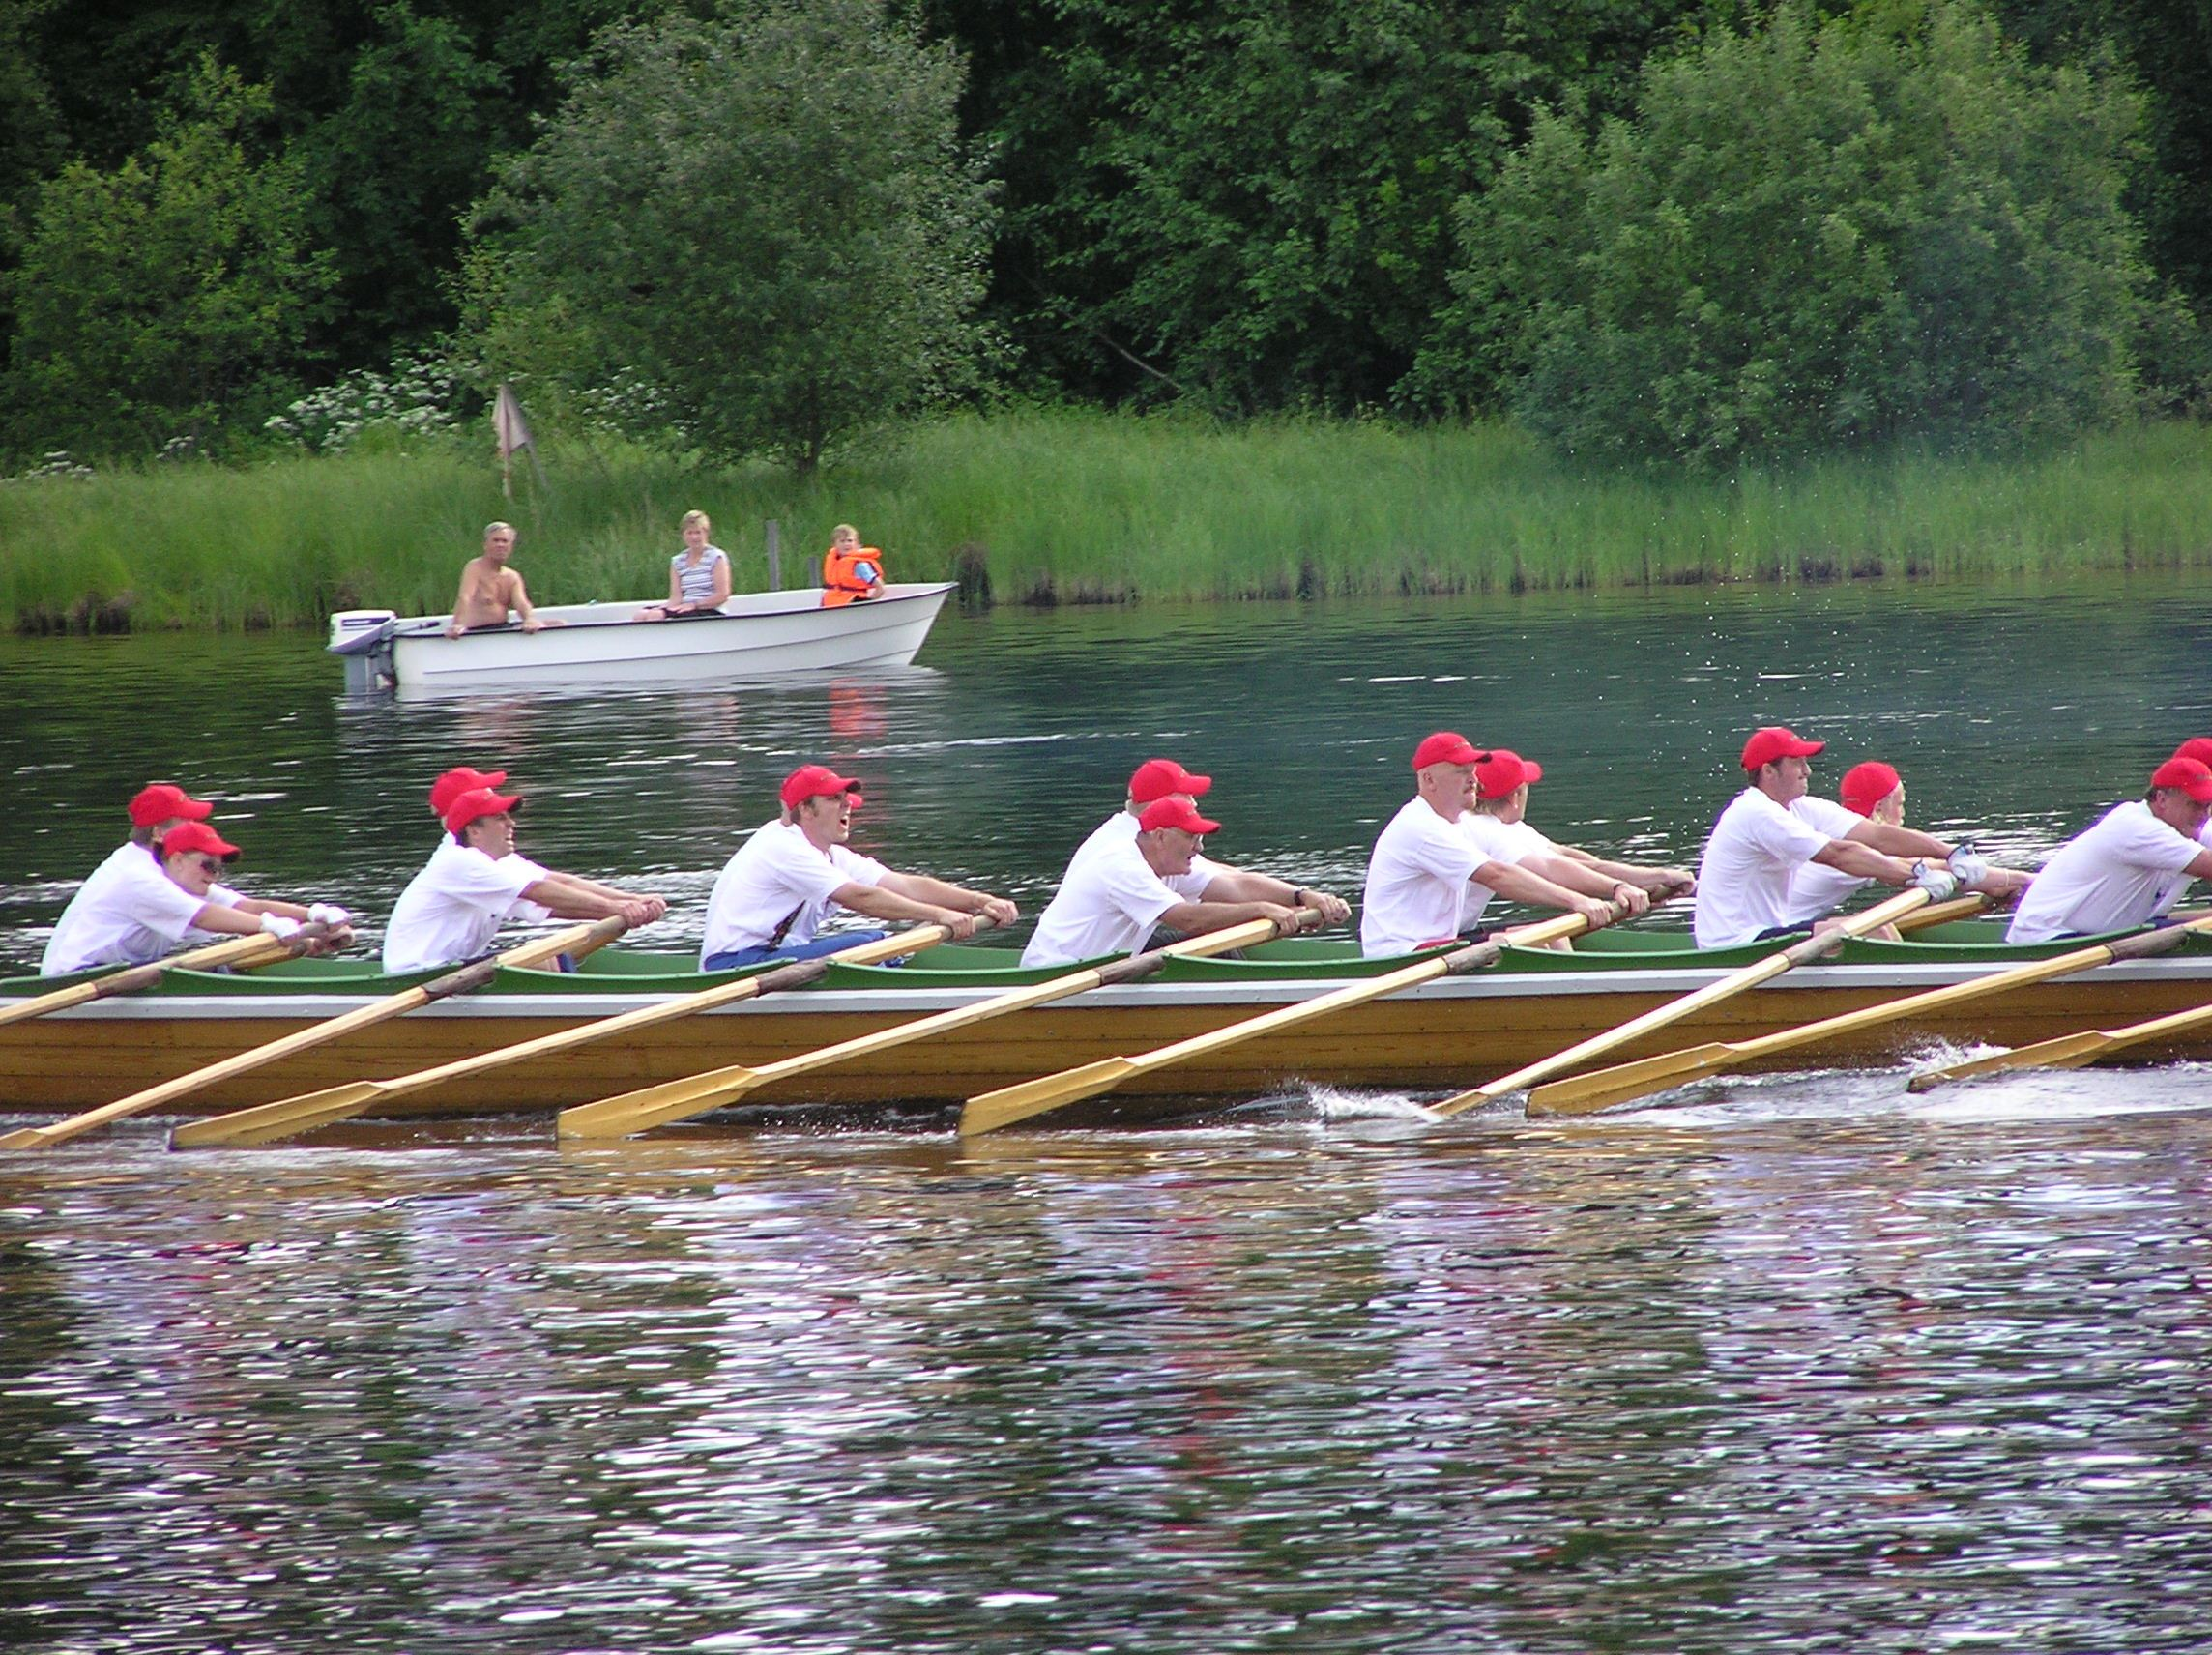 Church Boat Race, Rättvik